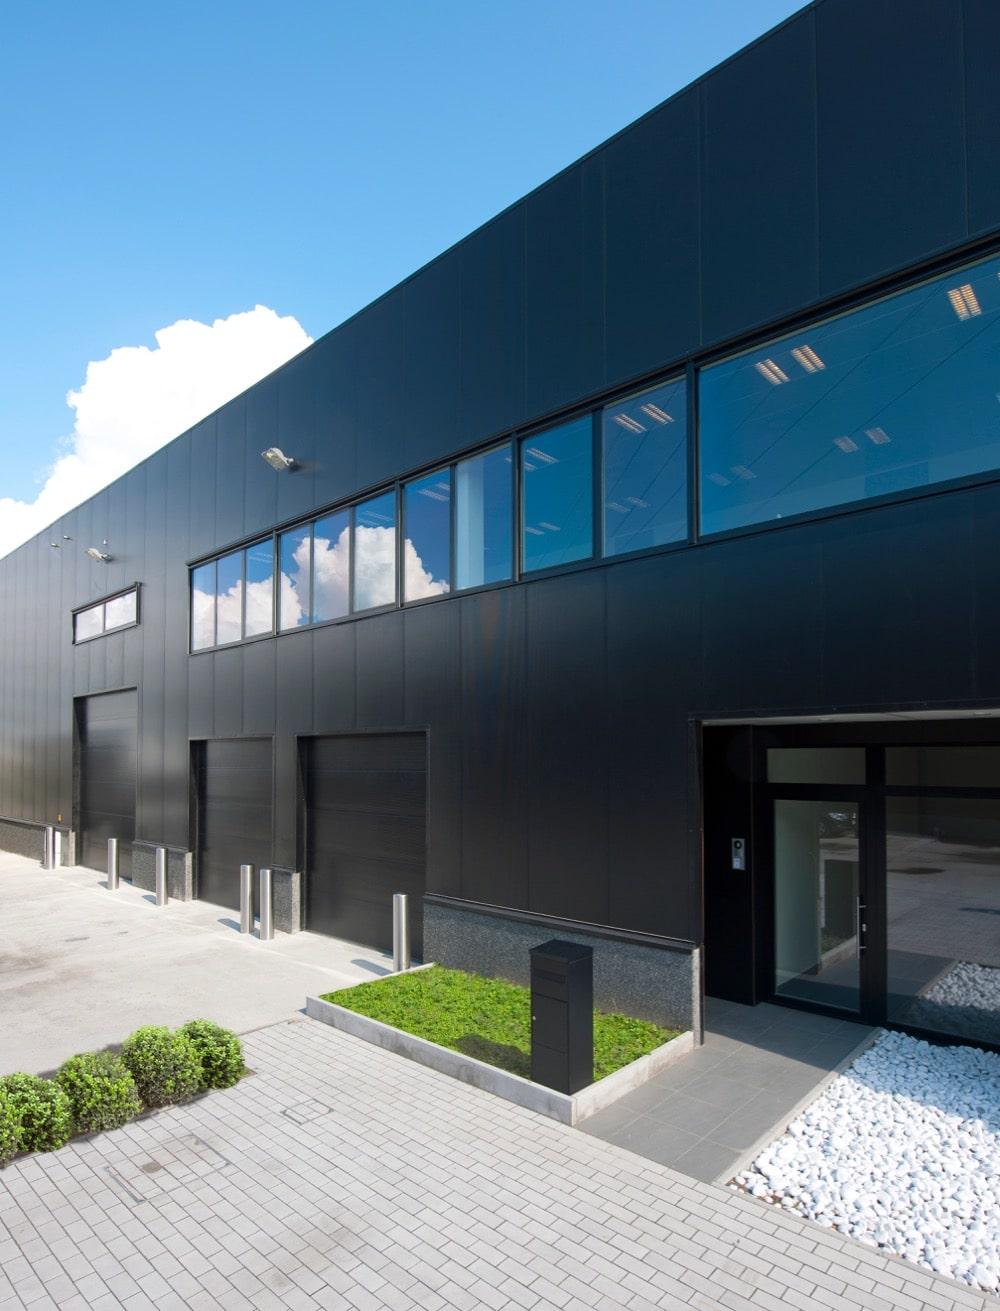 ati 17 | Baeyens & Beck architecten Gent | architect nieuwbouw renovatie interieur | high end | architectenbureau